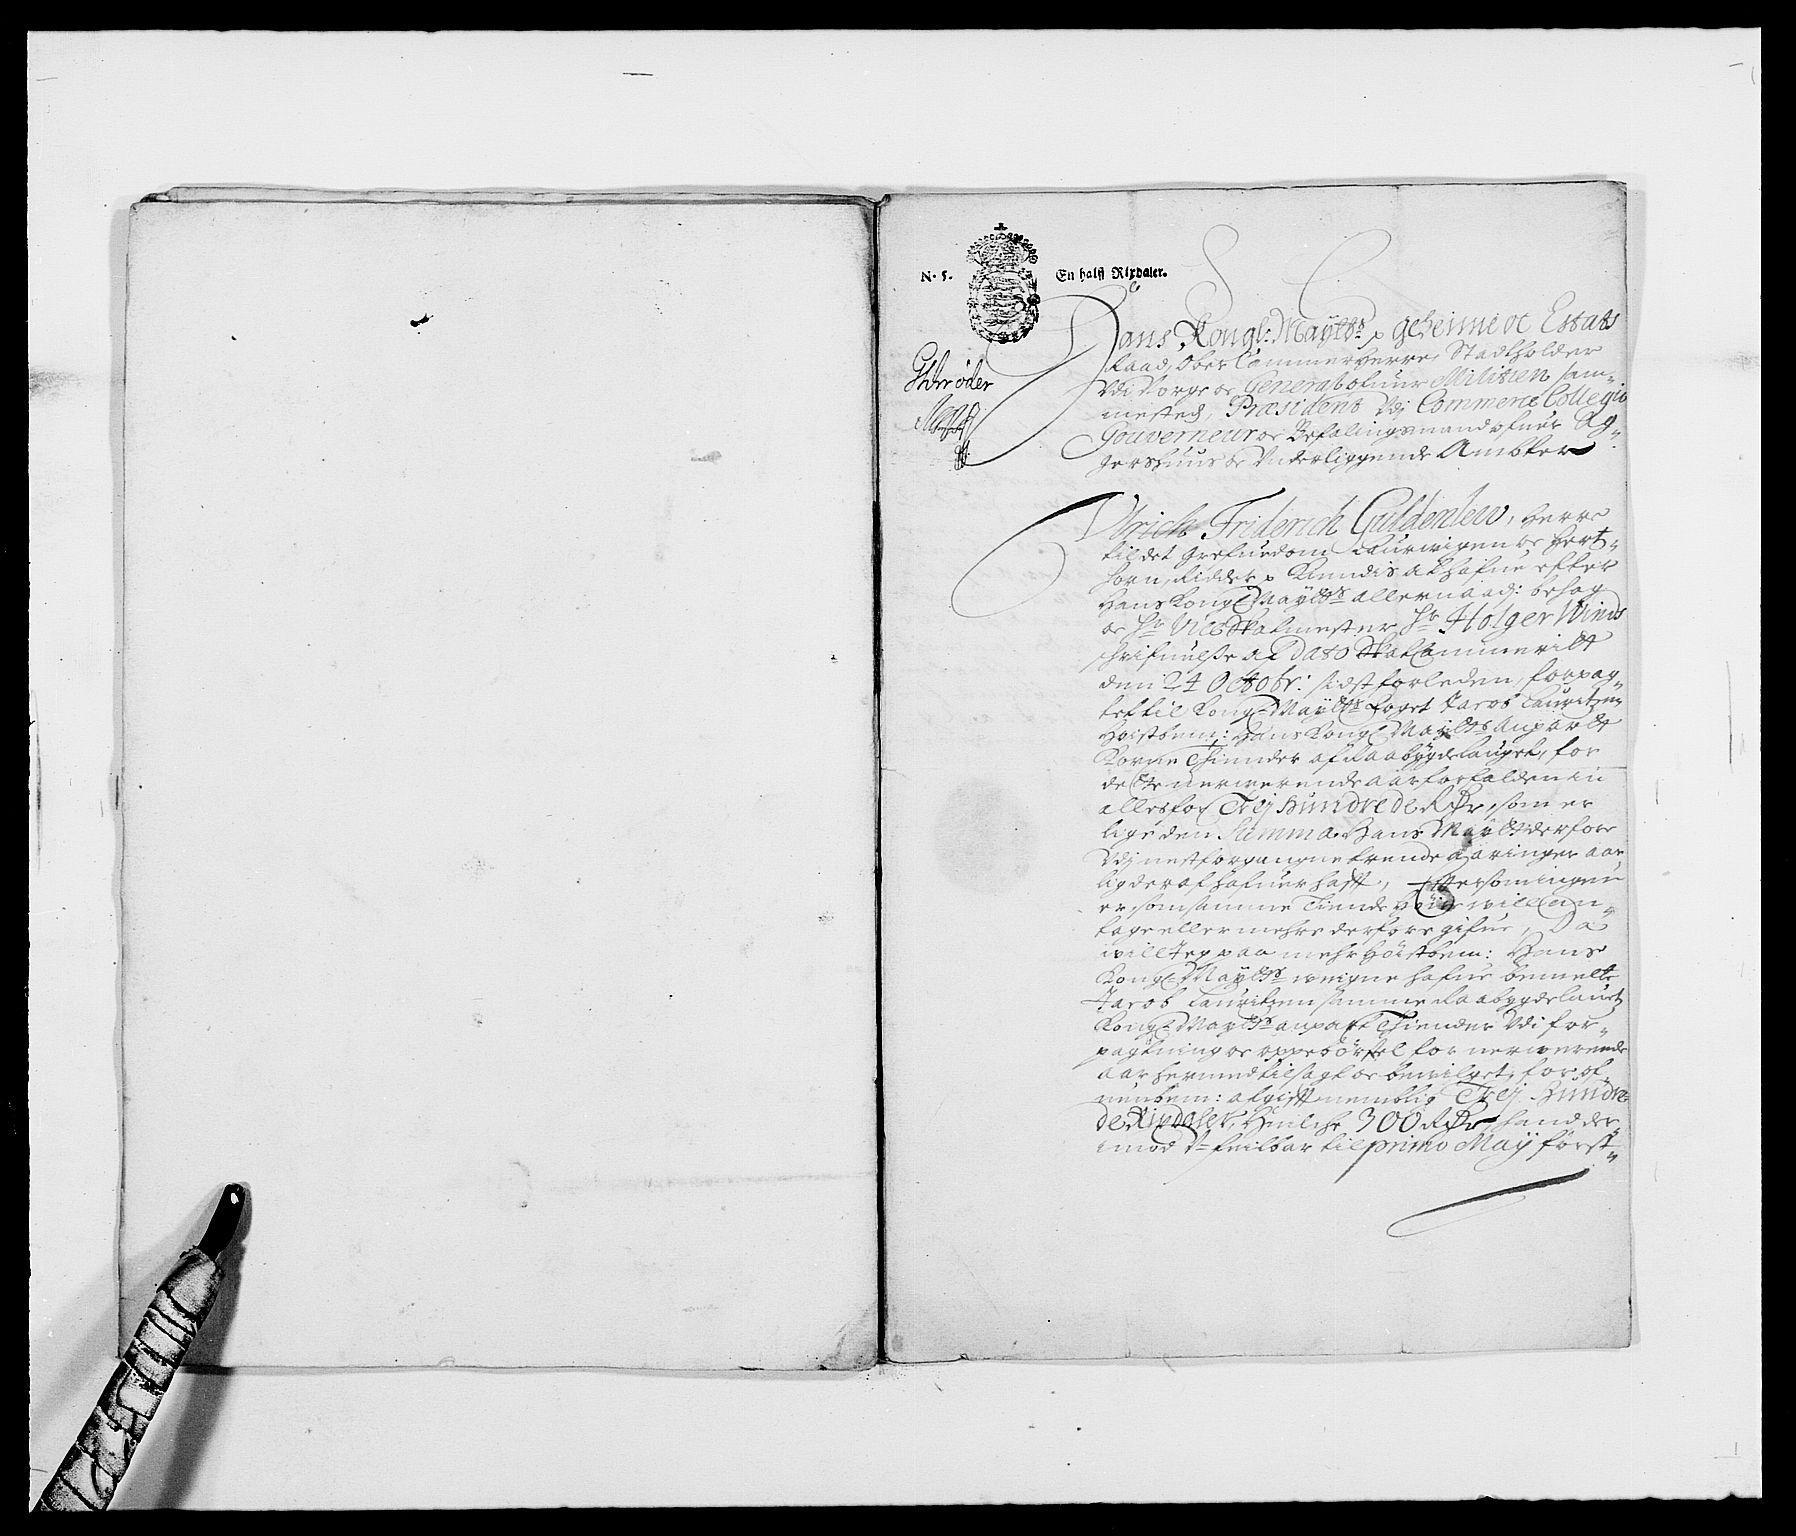 RA, Rentekammeret inntil 1814, Reviderte regnskaper, Fogderegnskap, R40/L2433: Fogderegnskap Råbyggelag, 1671-1674, s. 261